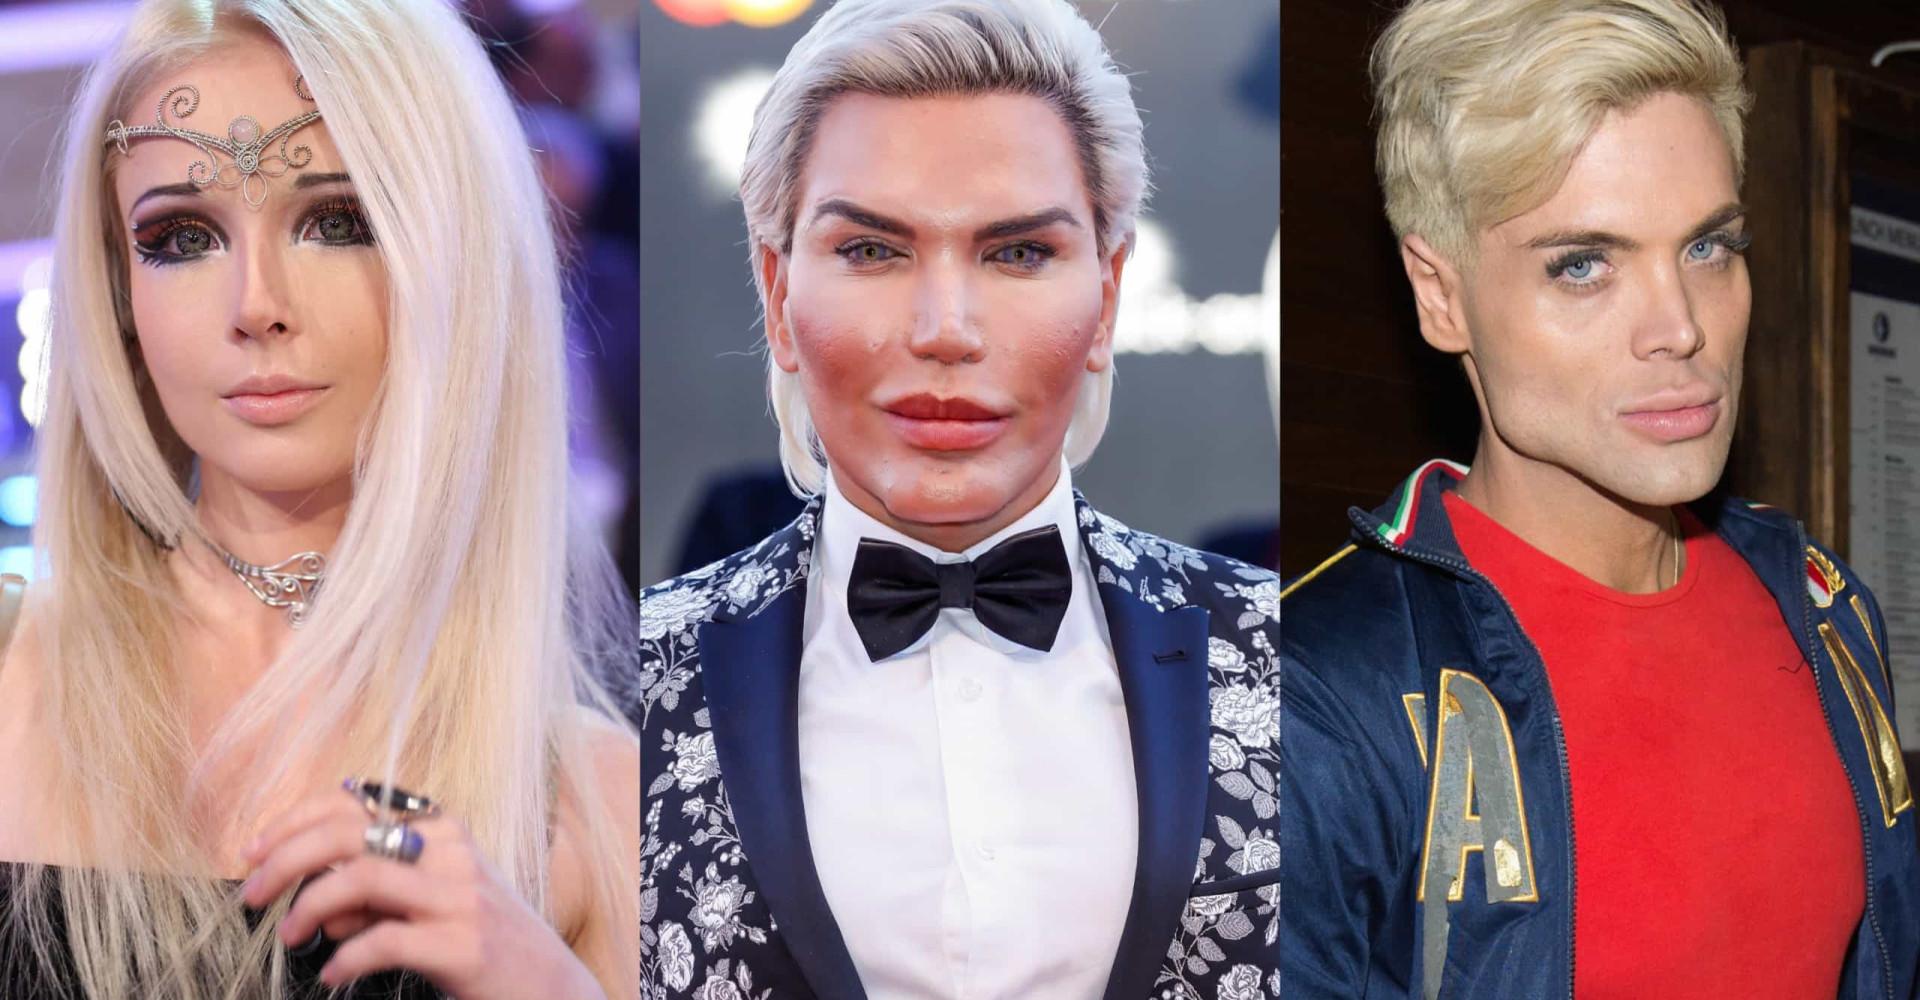 Ces personnes ressemblent à de véritables figurines humaines